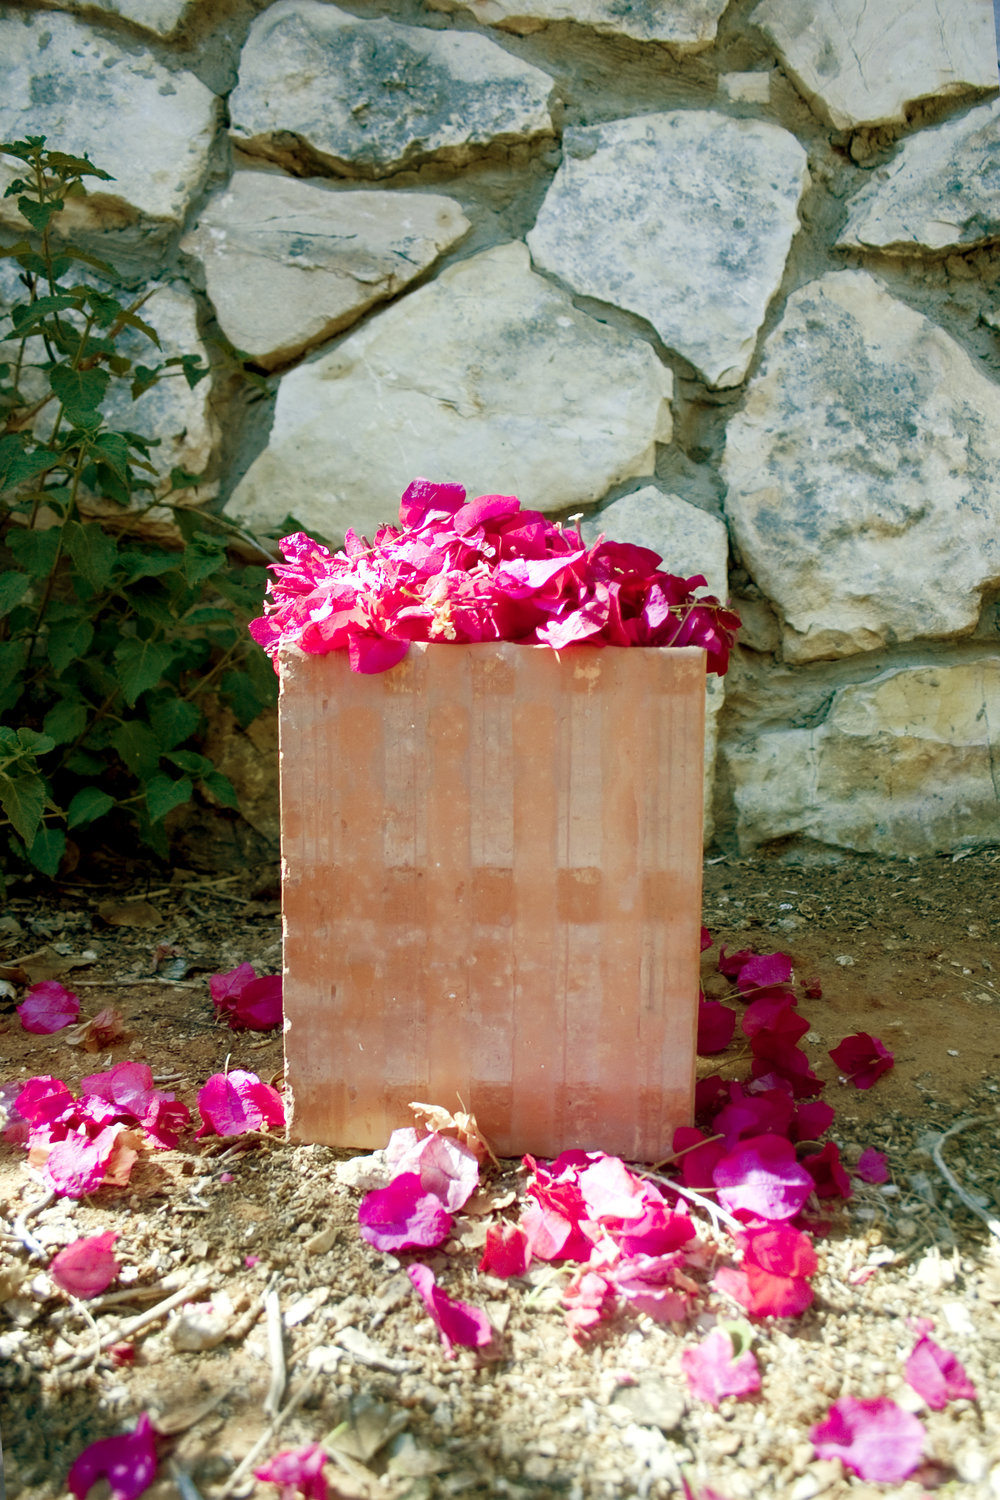 4-a*.-brickpink-flowers.jpg